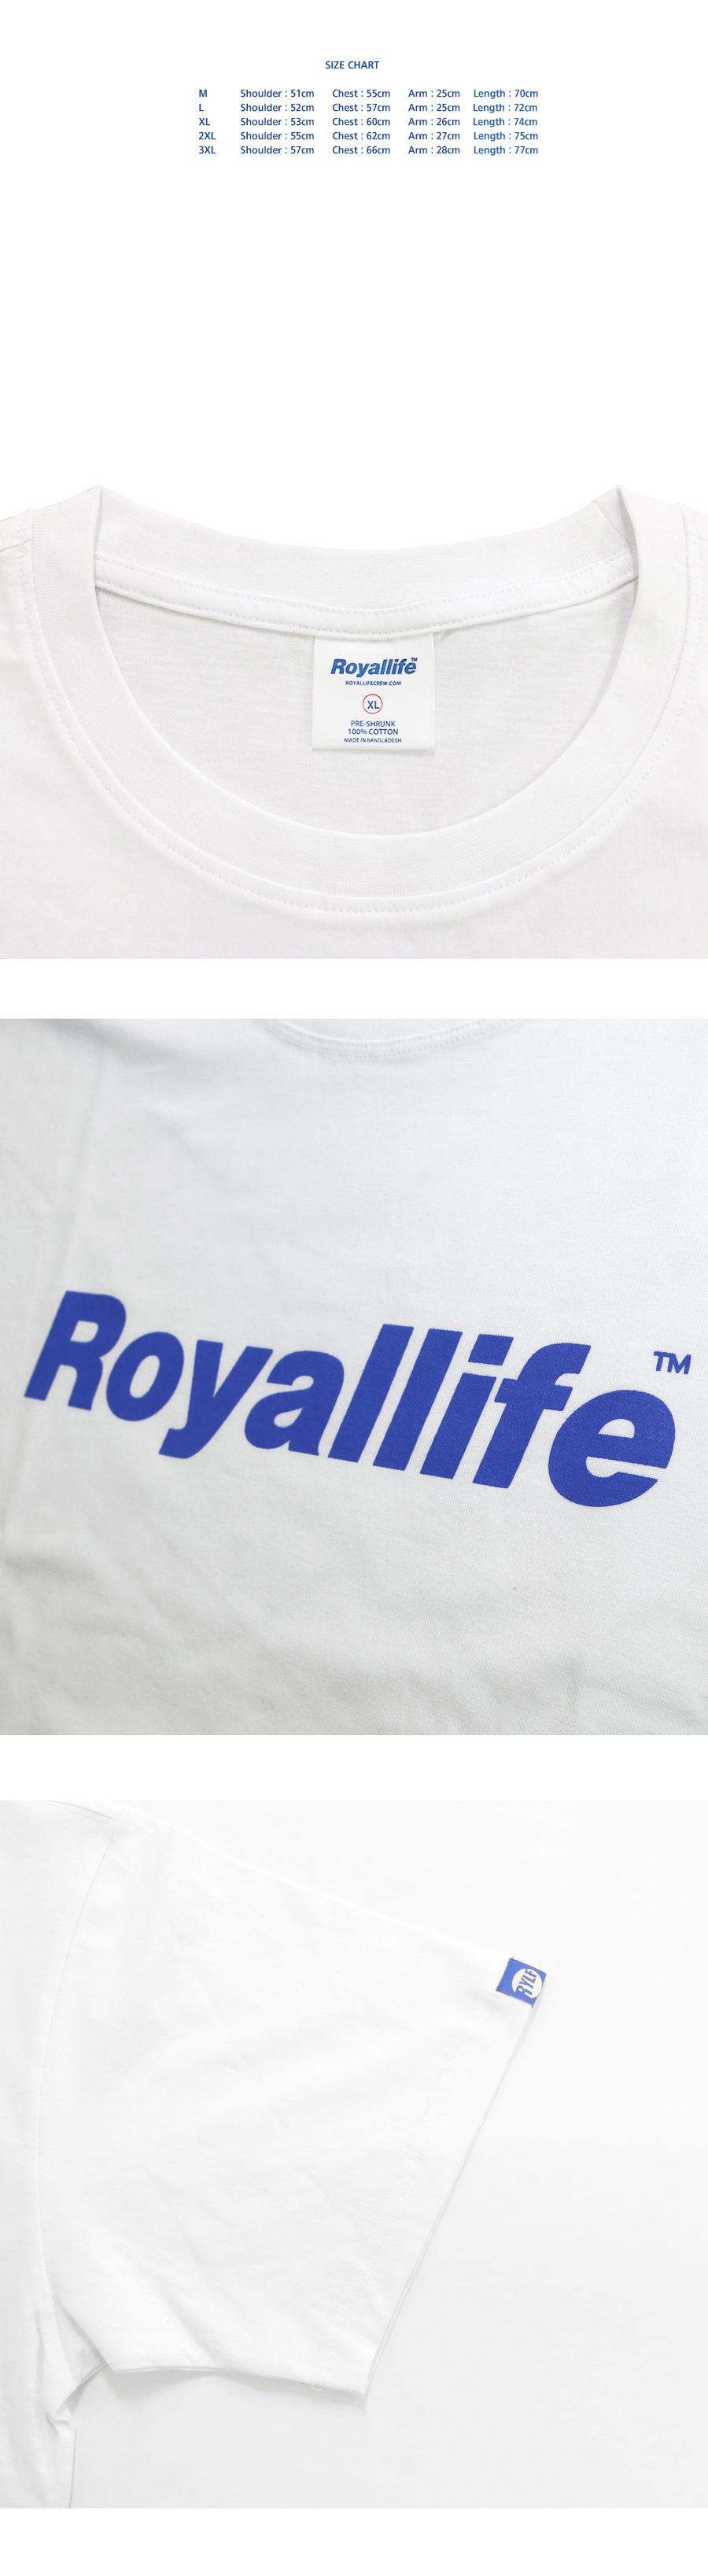 로얄라이프(ROYALLIFE) RL001 오리지널 로고 반팔 - 블루